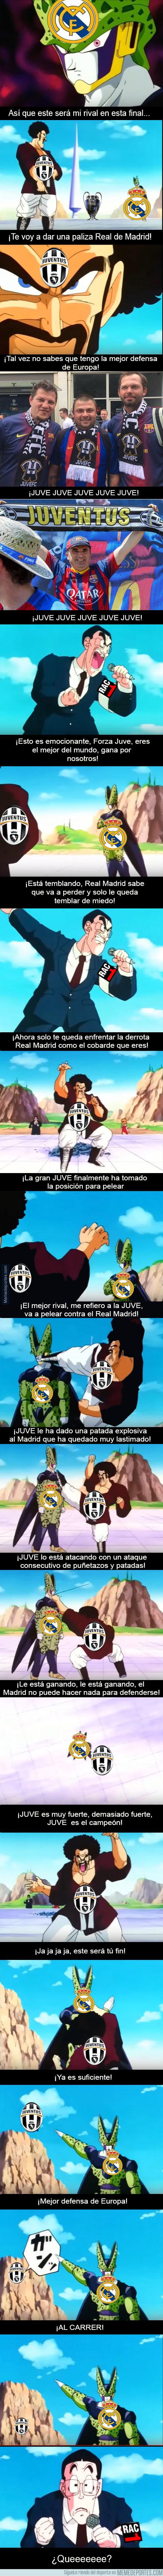 979961 - Juventus vs Real Madrid versión Dragón Ball